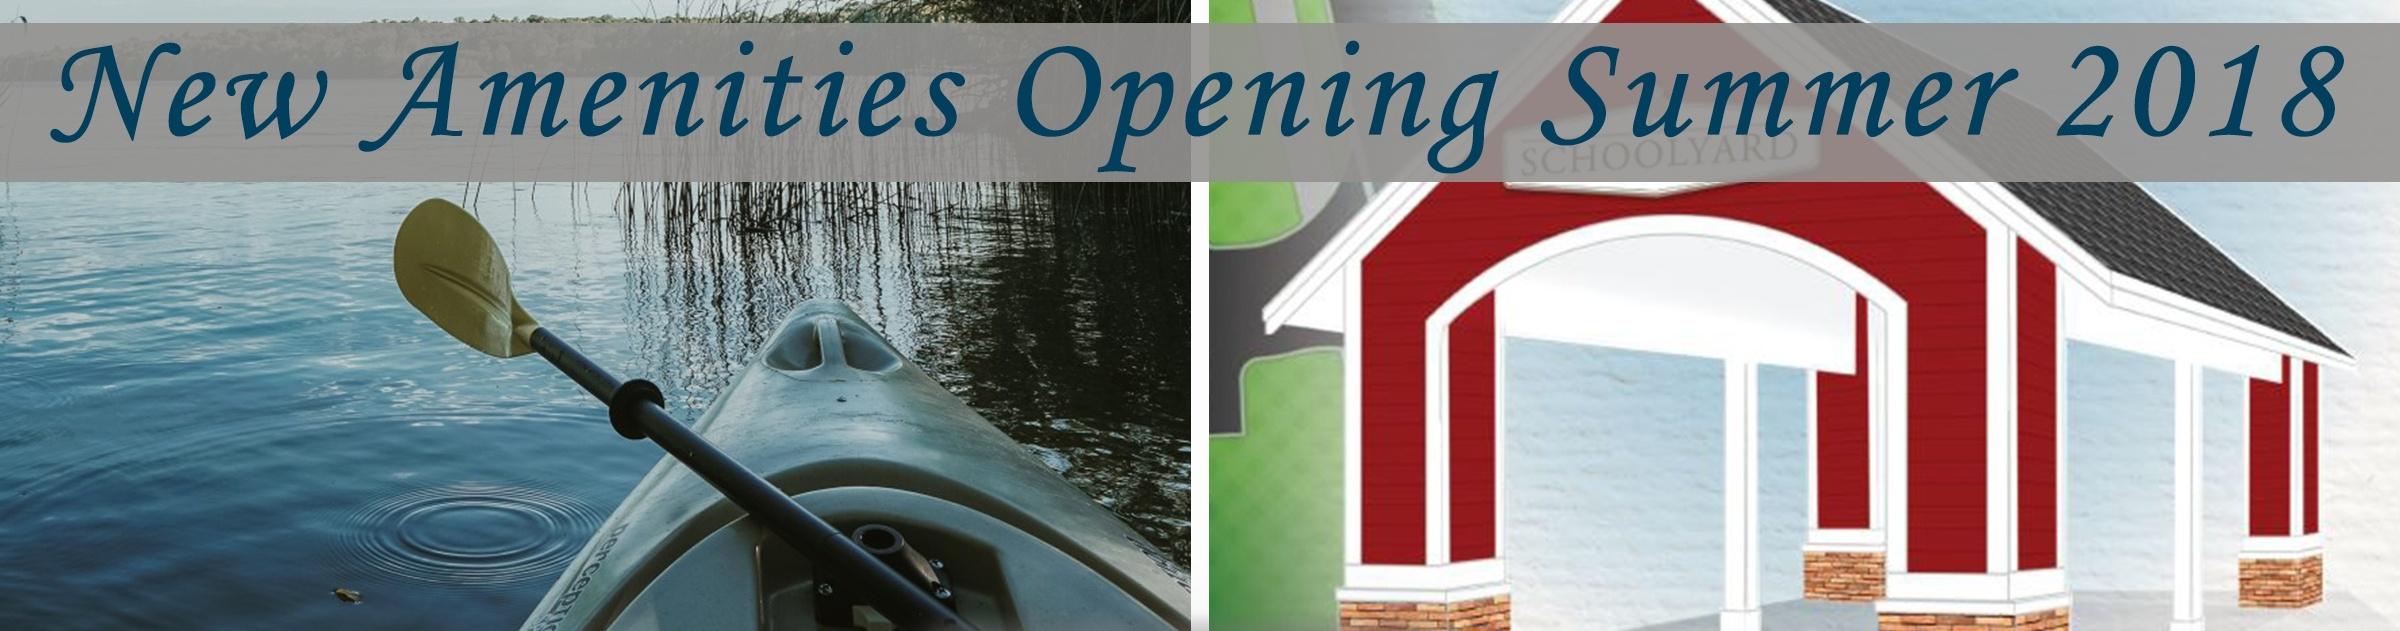 New Nocatee Amenities Opening Summer 2018